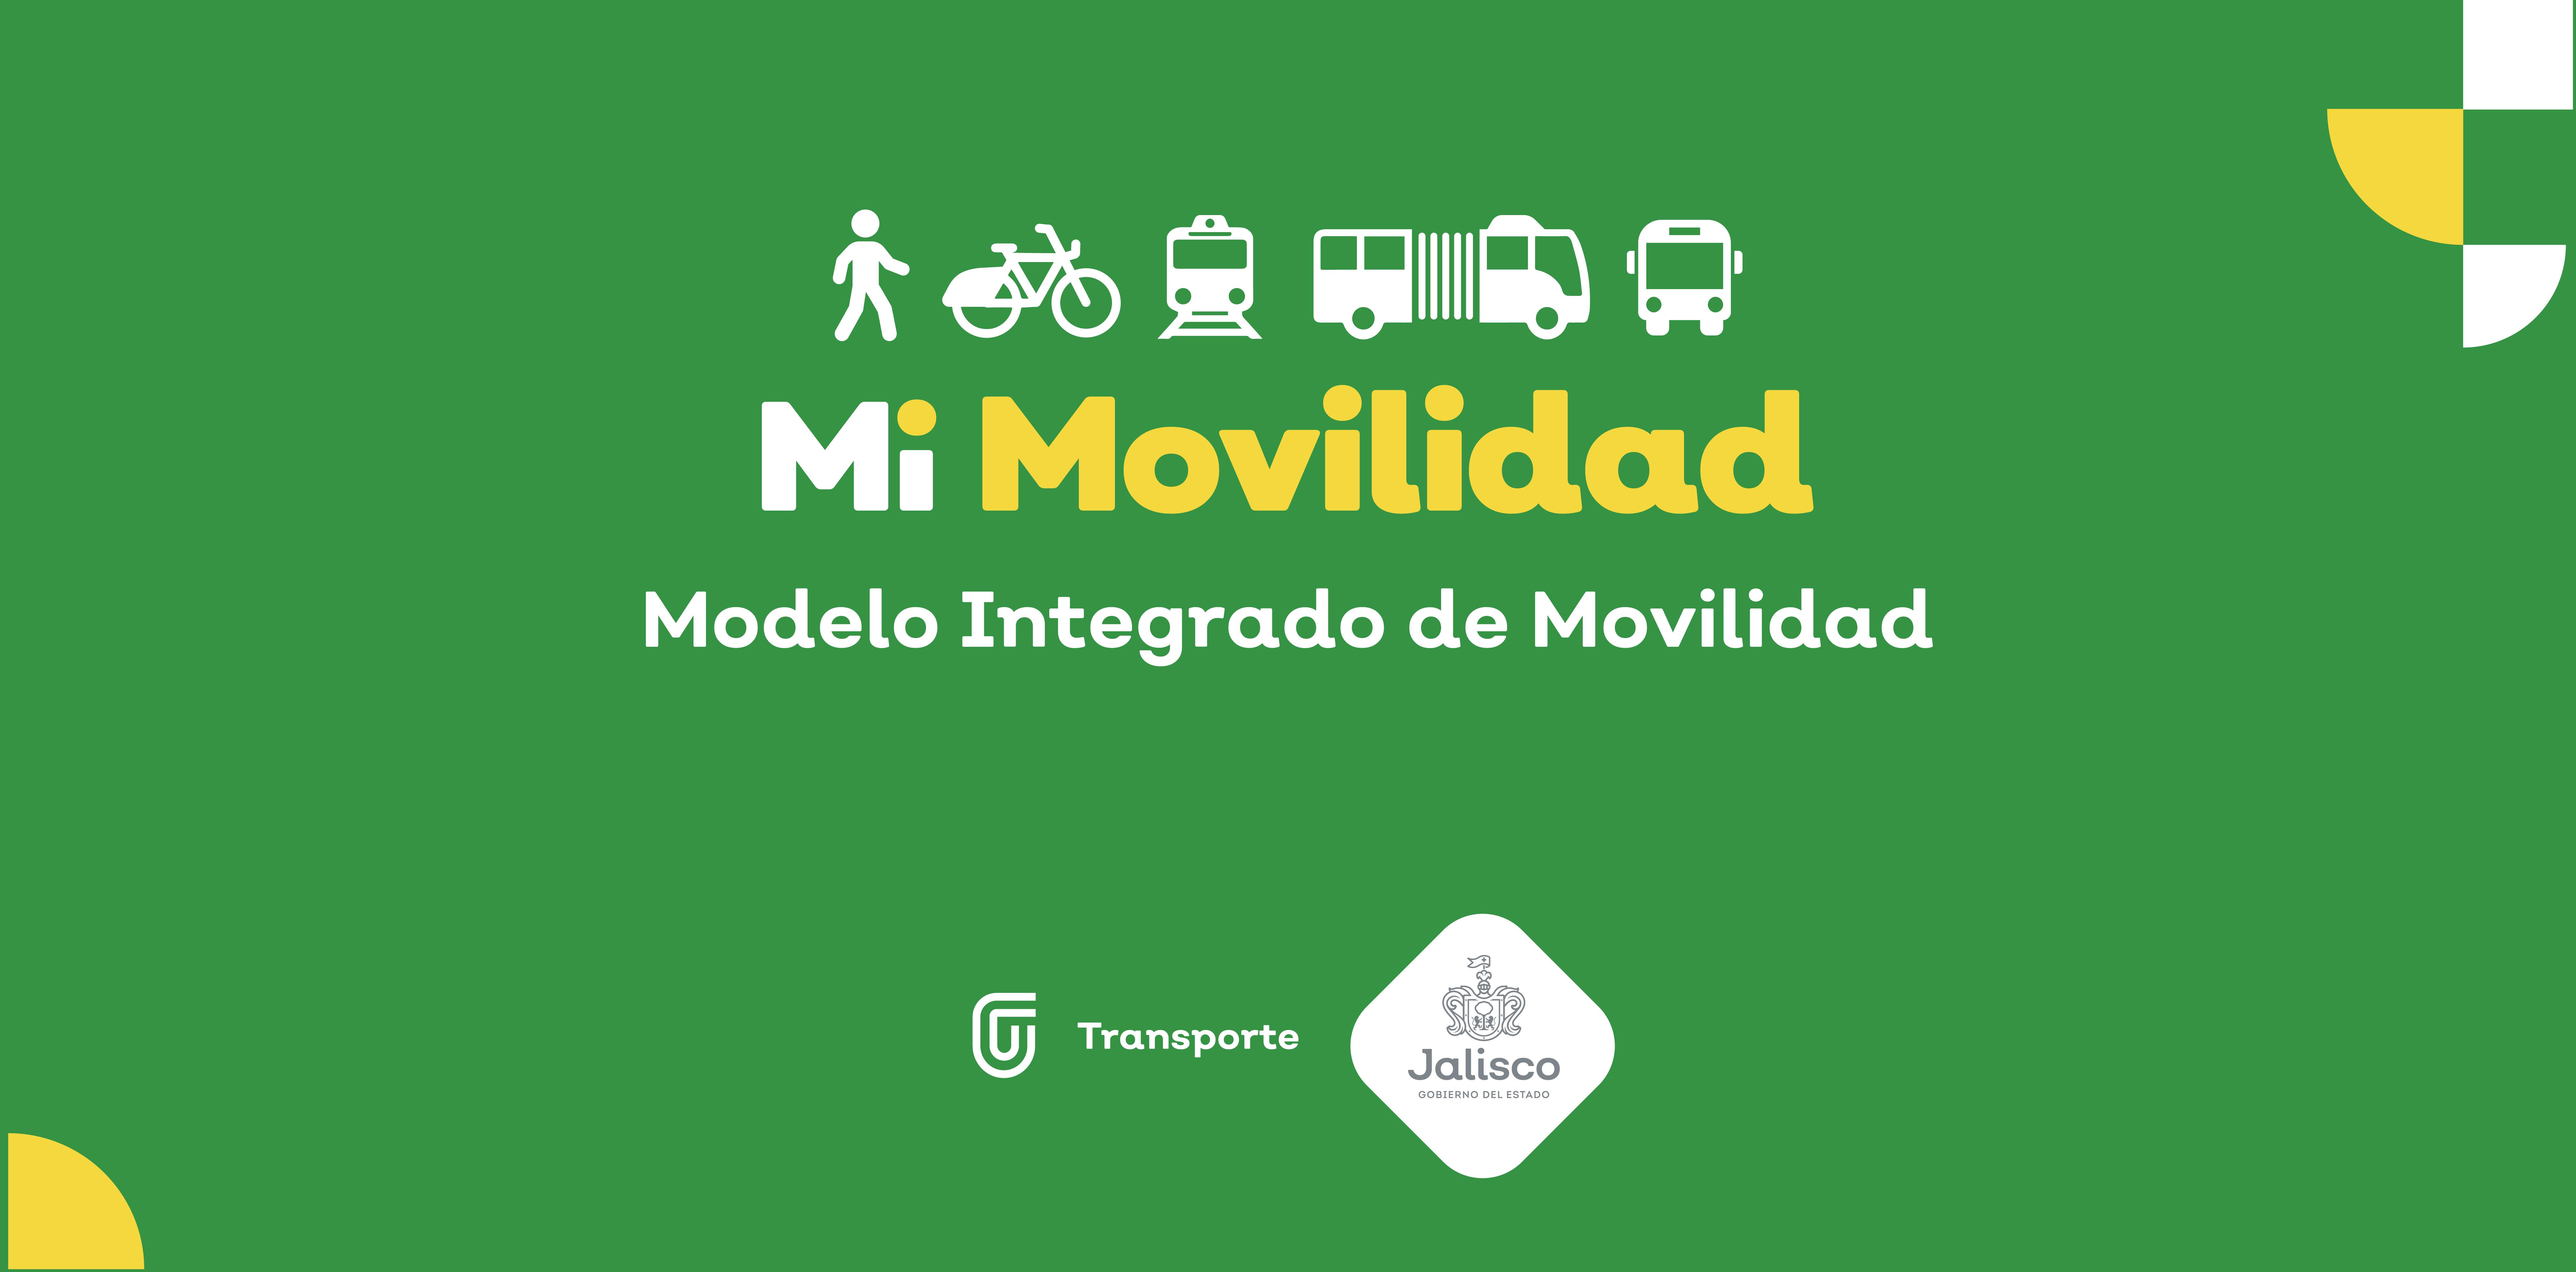 Mi Movilidad